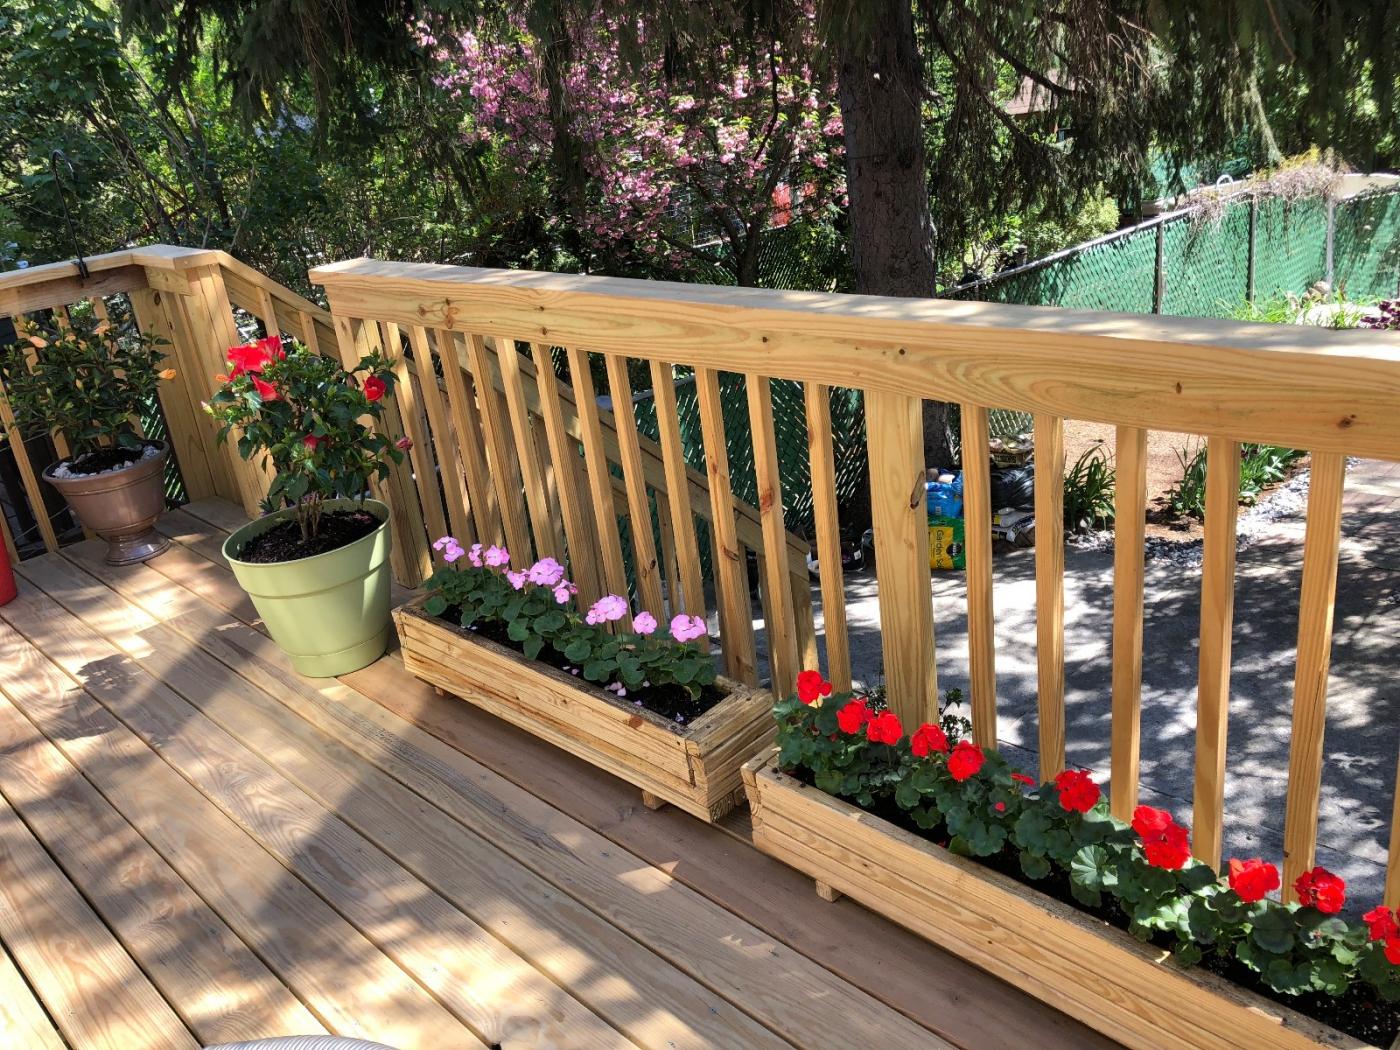 【田螺隨拍】分享去THE HOME DEPOT紅地鋪買花的經驗_圖1-6